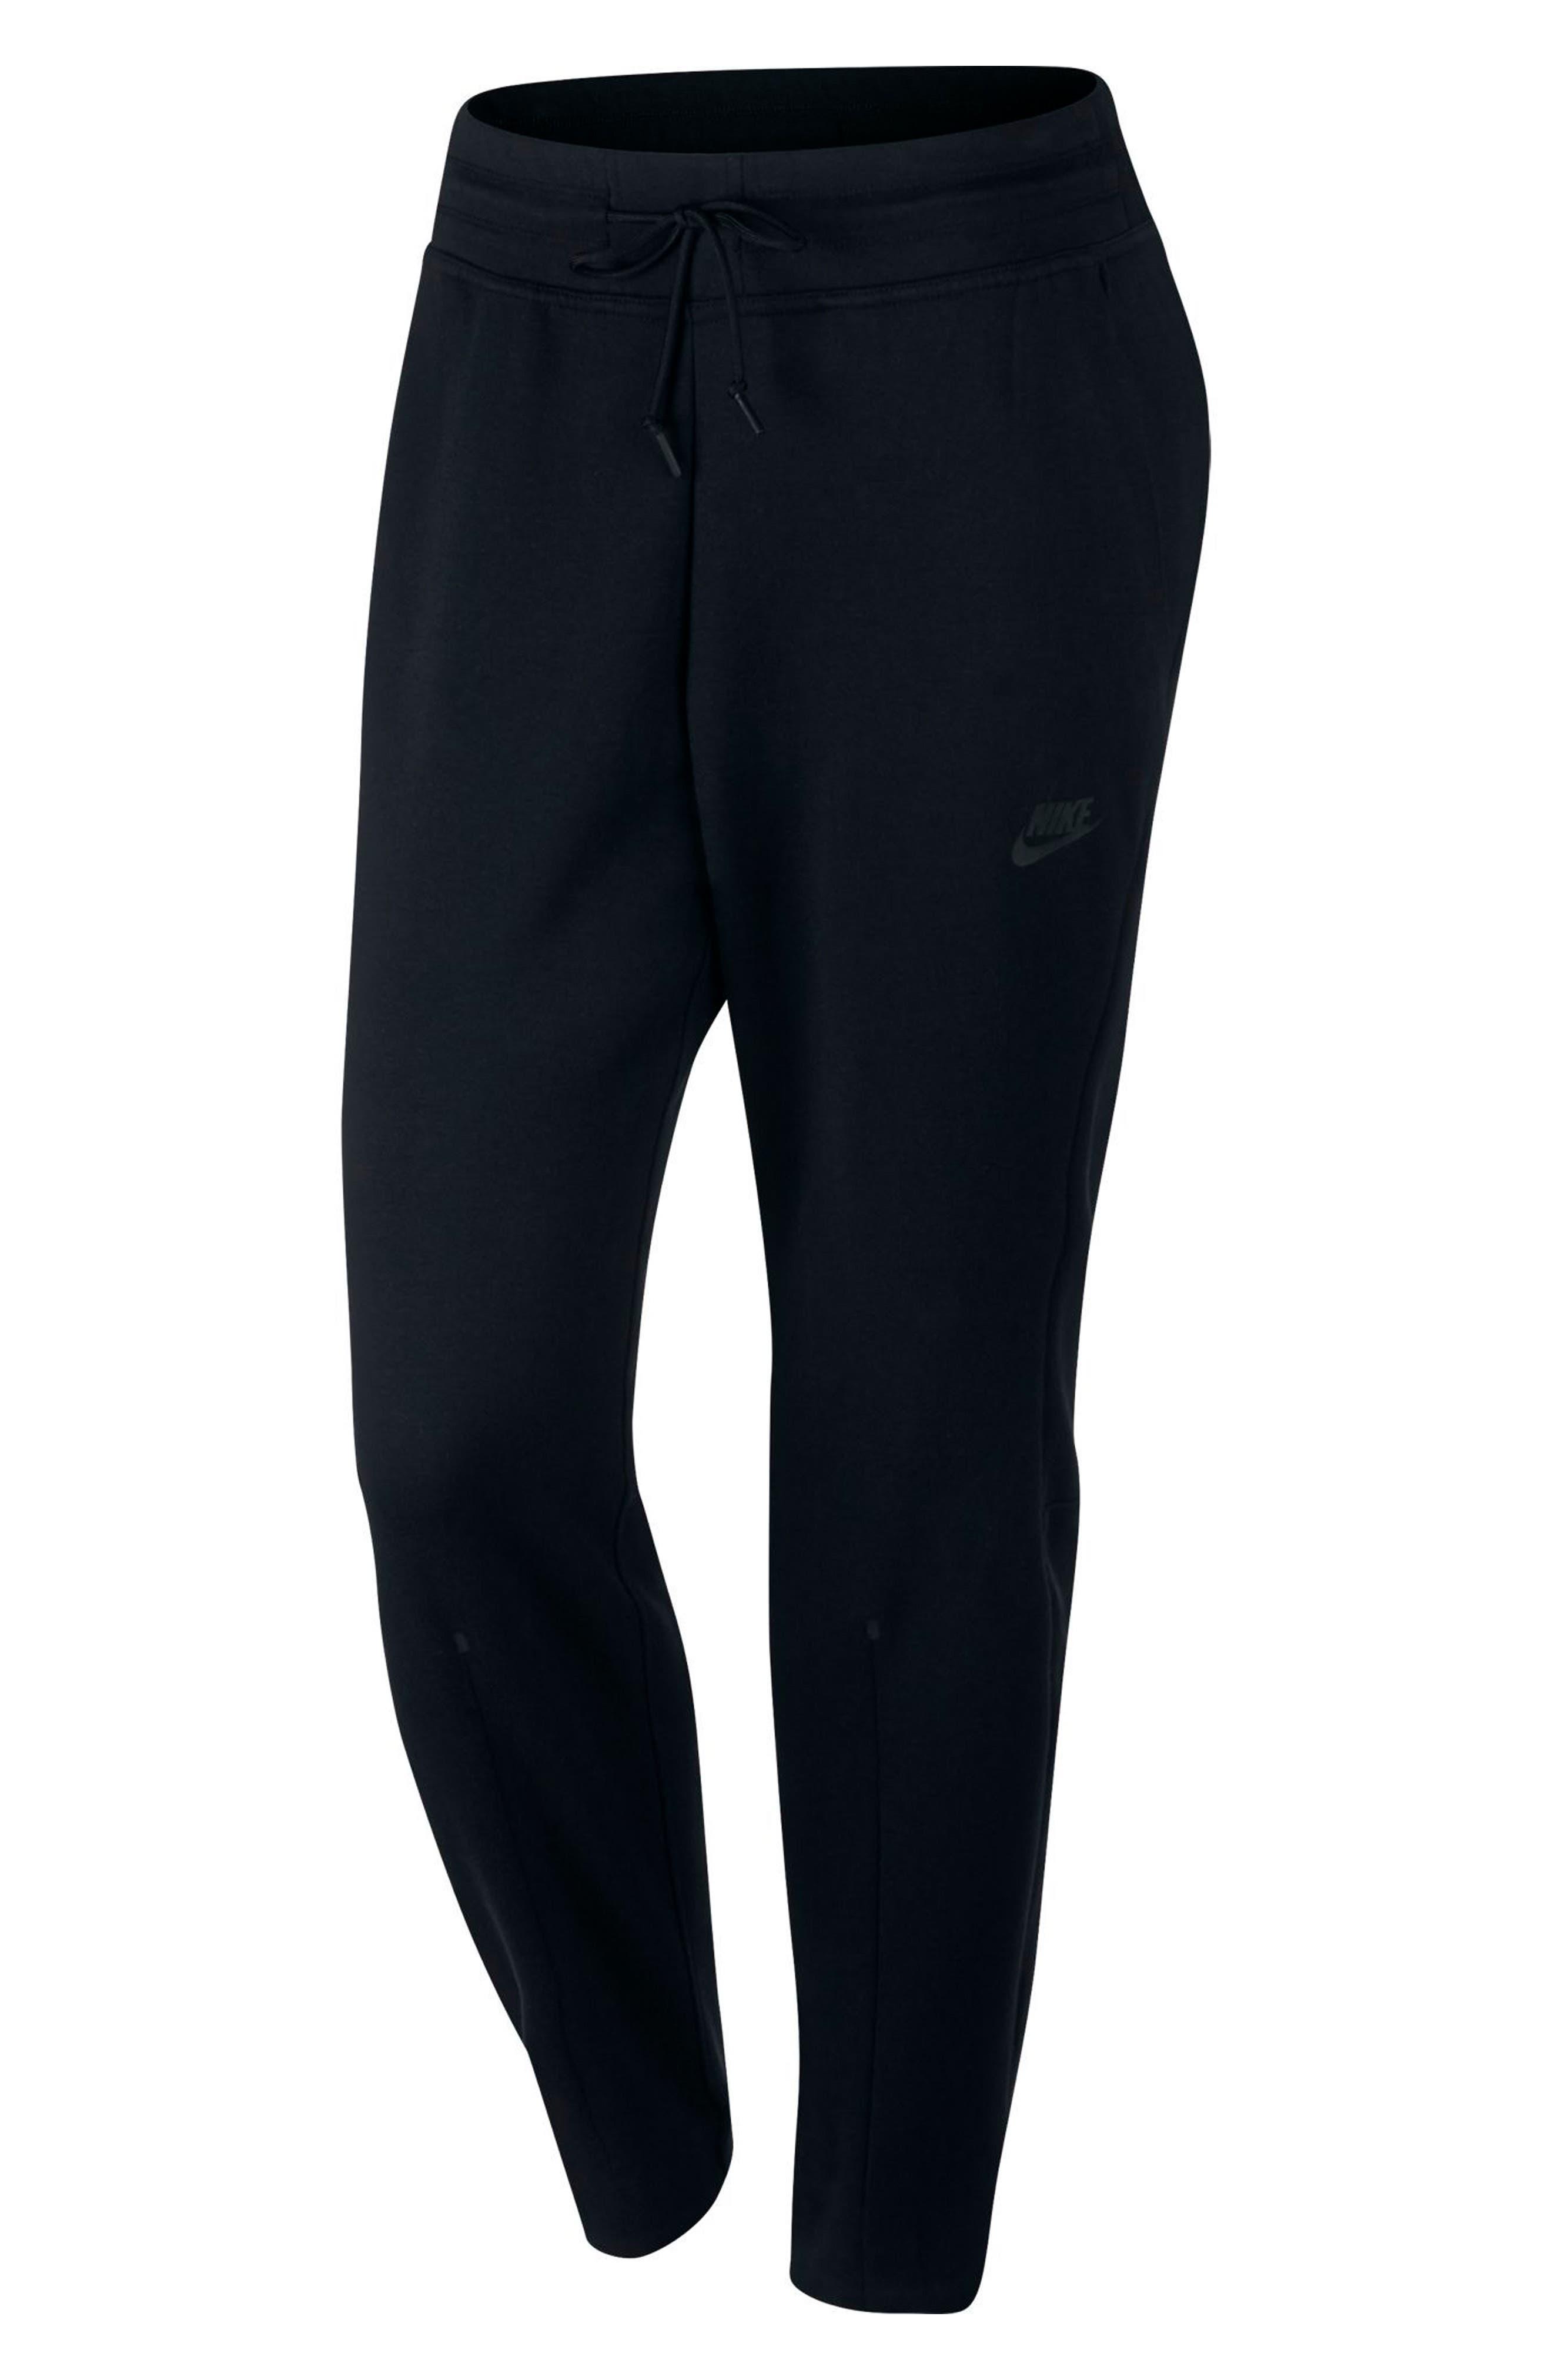 Sportswear Women's Tech Fleece Pants,                             Alternate thumbnail 6, color,                             010